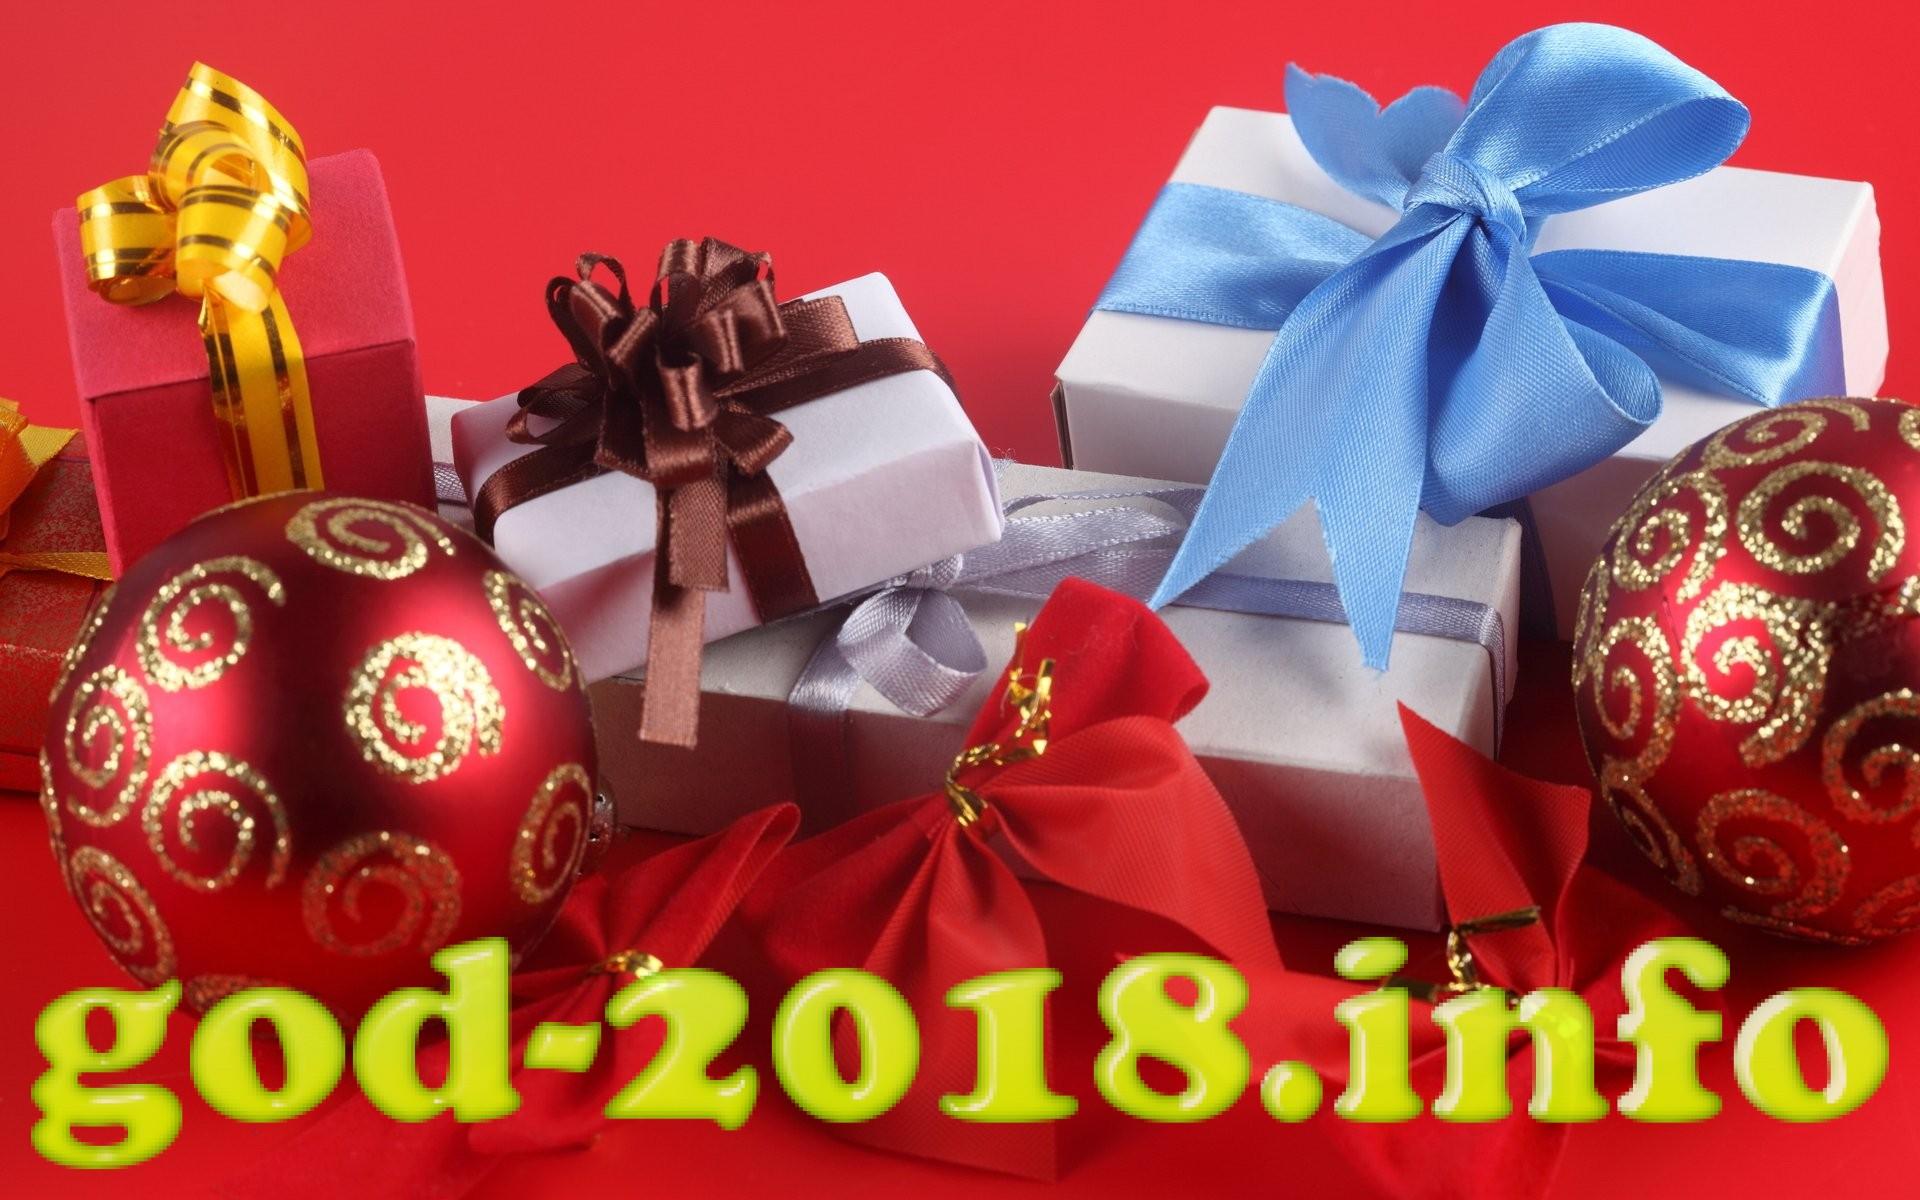 oficialnye-i-kreativnye-pozdravlenija-s-novym-godom-2018-5